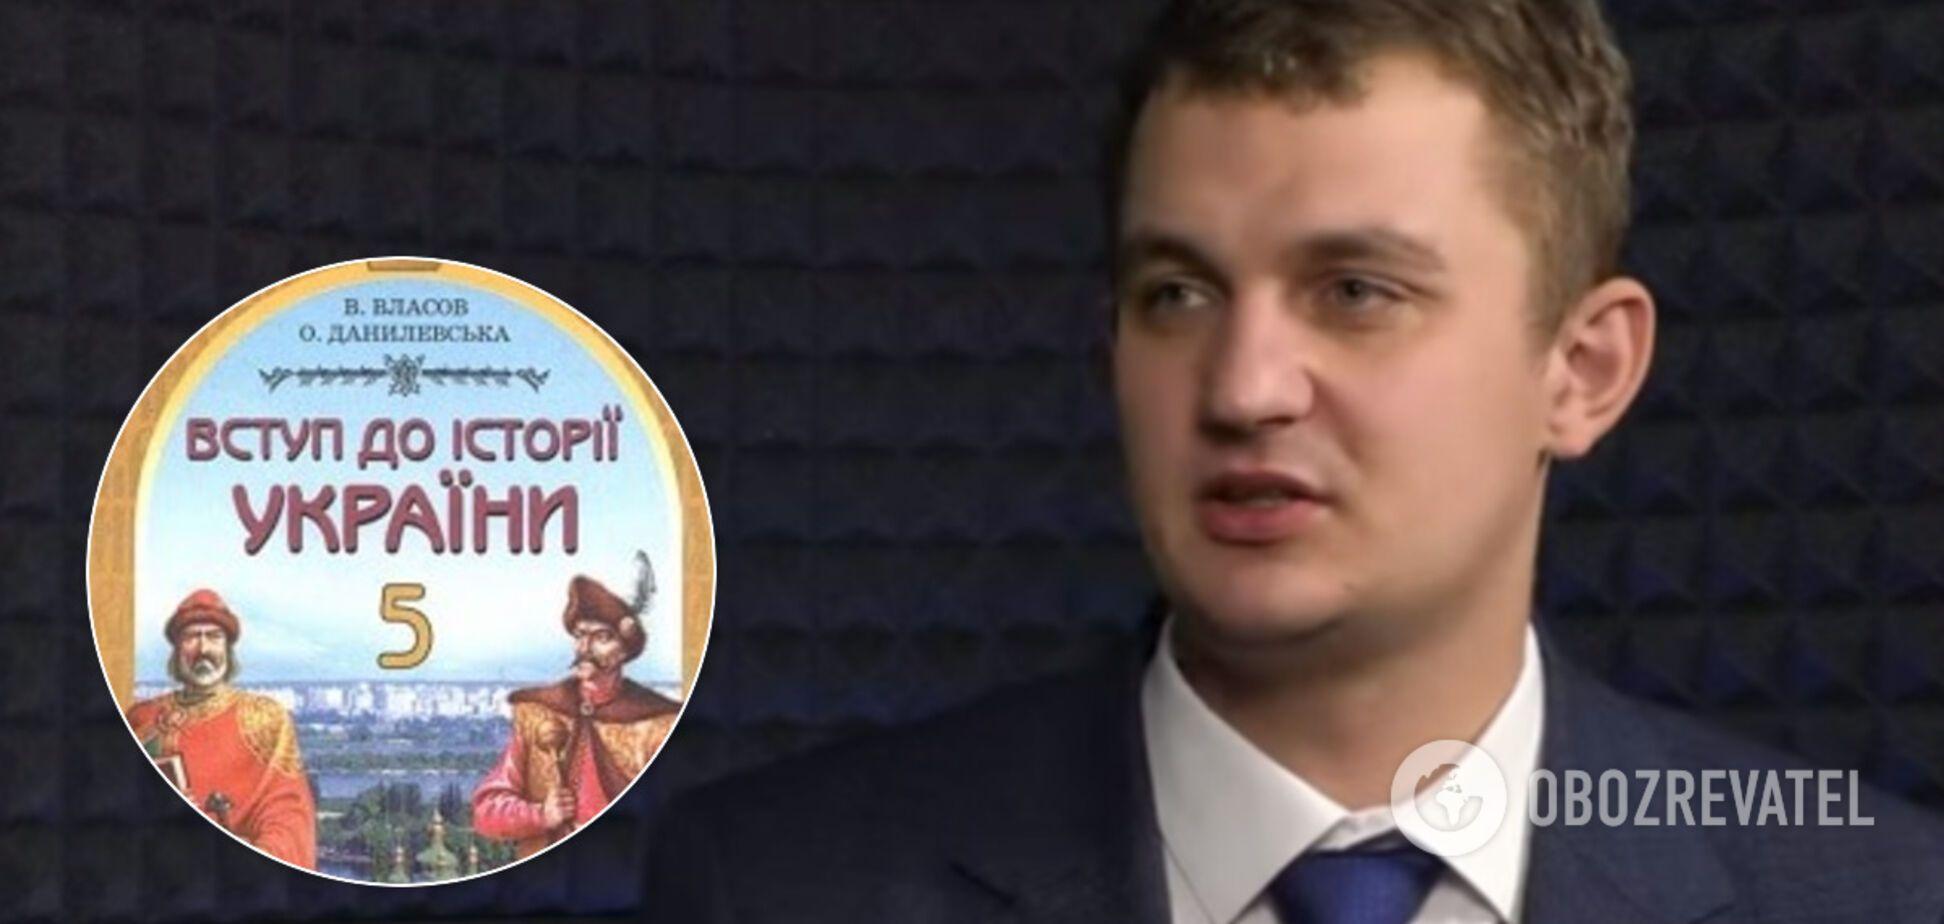 'Слуга народу' після 'собачого скандалу' запропонував скасувати уроки історії в школі